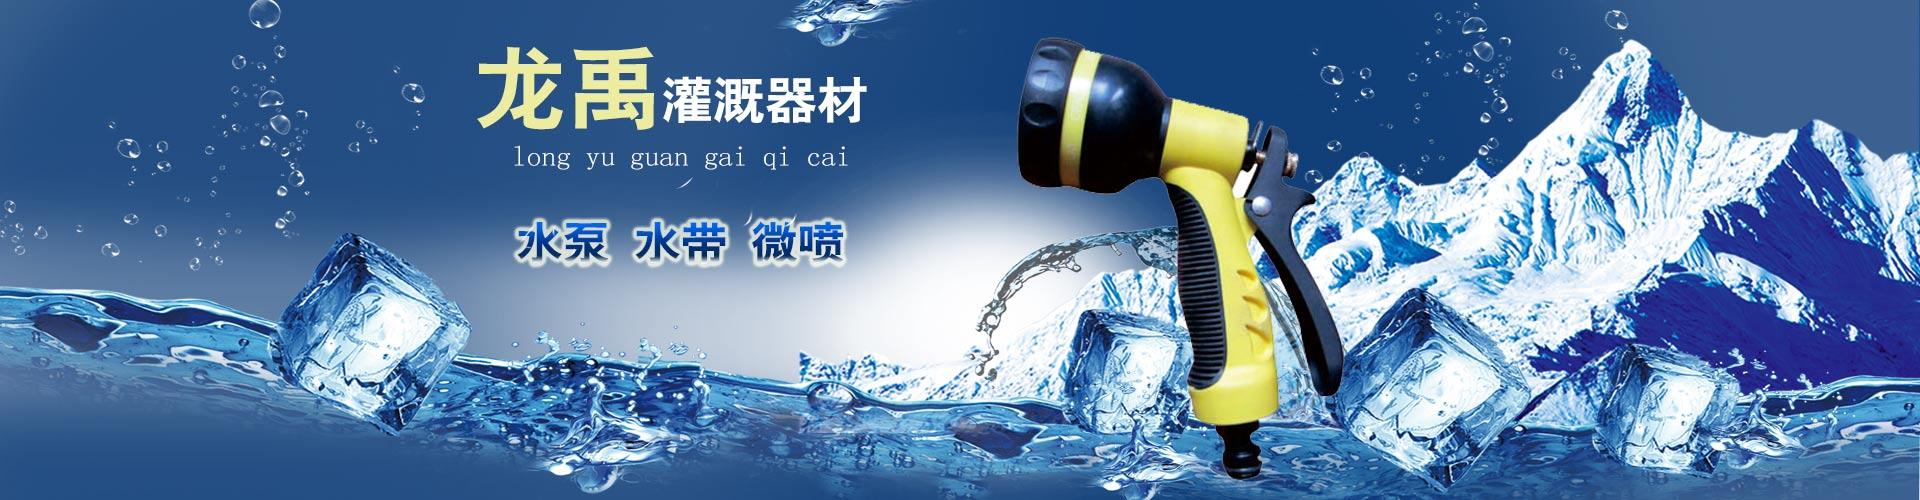 哈尔滨市禧龙综合批发大市场龙禹灌溉器材商店产品宣传第2图